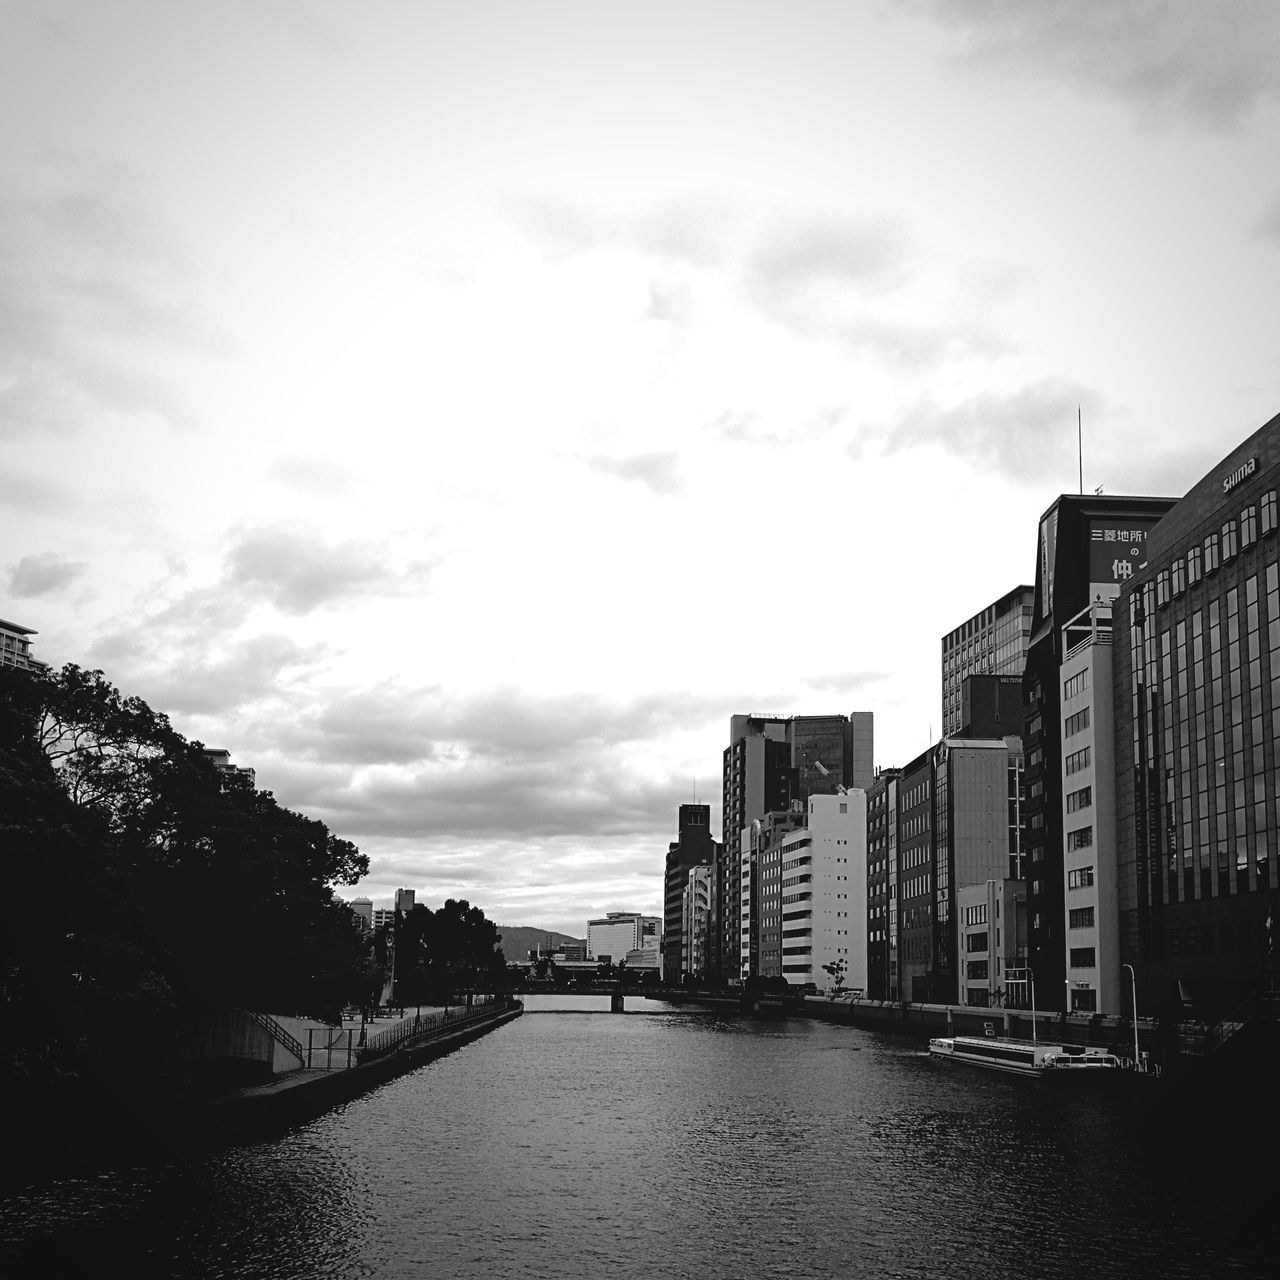 Japan Yodoyabasi River 淀屋橋 曇り 寒い Cold